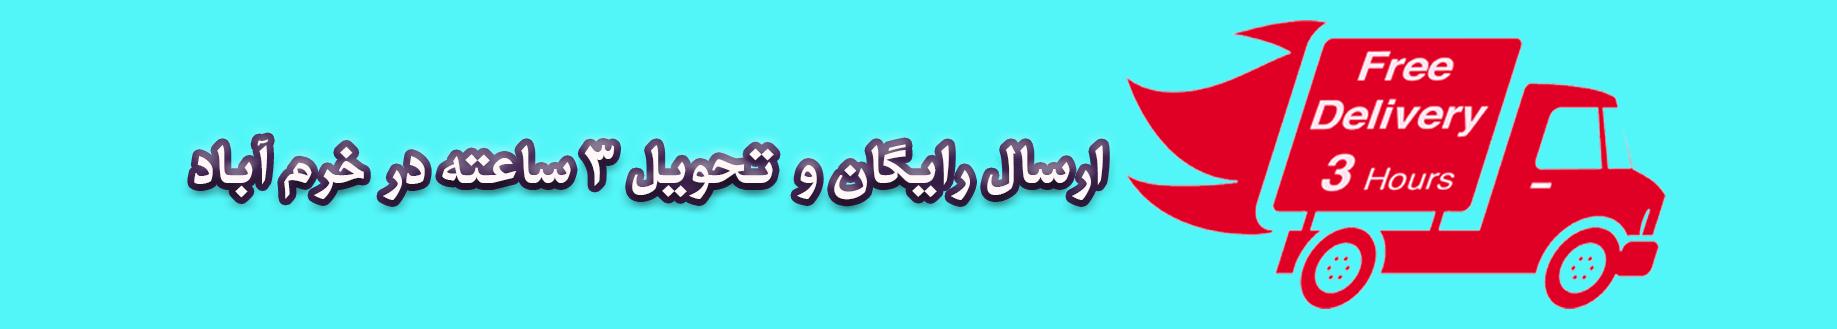 ارسال رایگان و تحویل 3 ساعته در خرم آباد